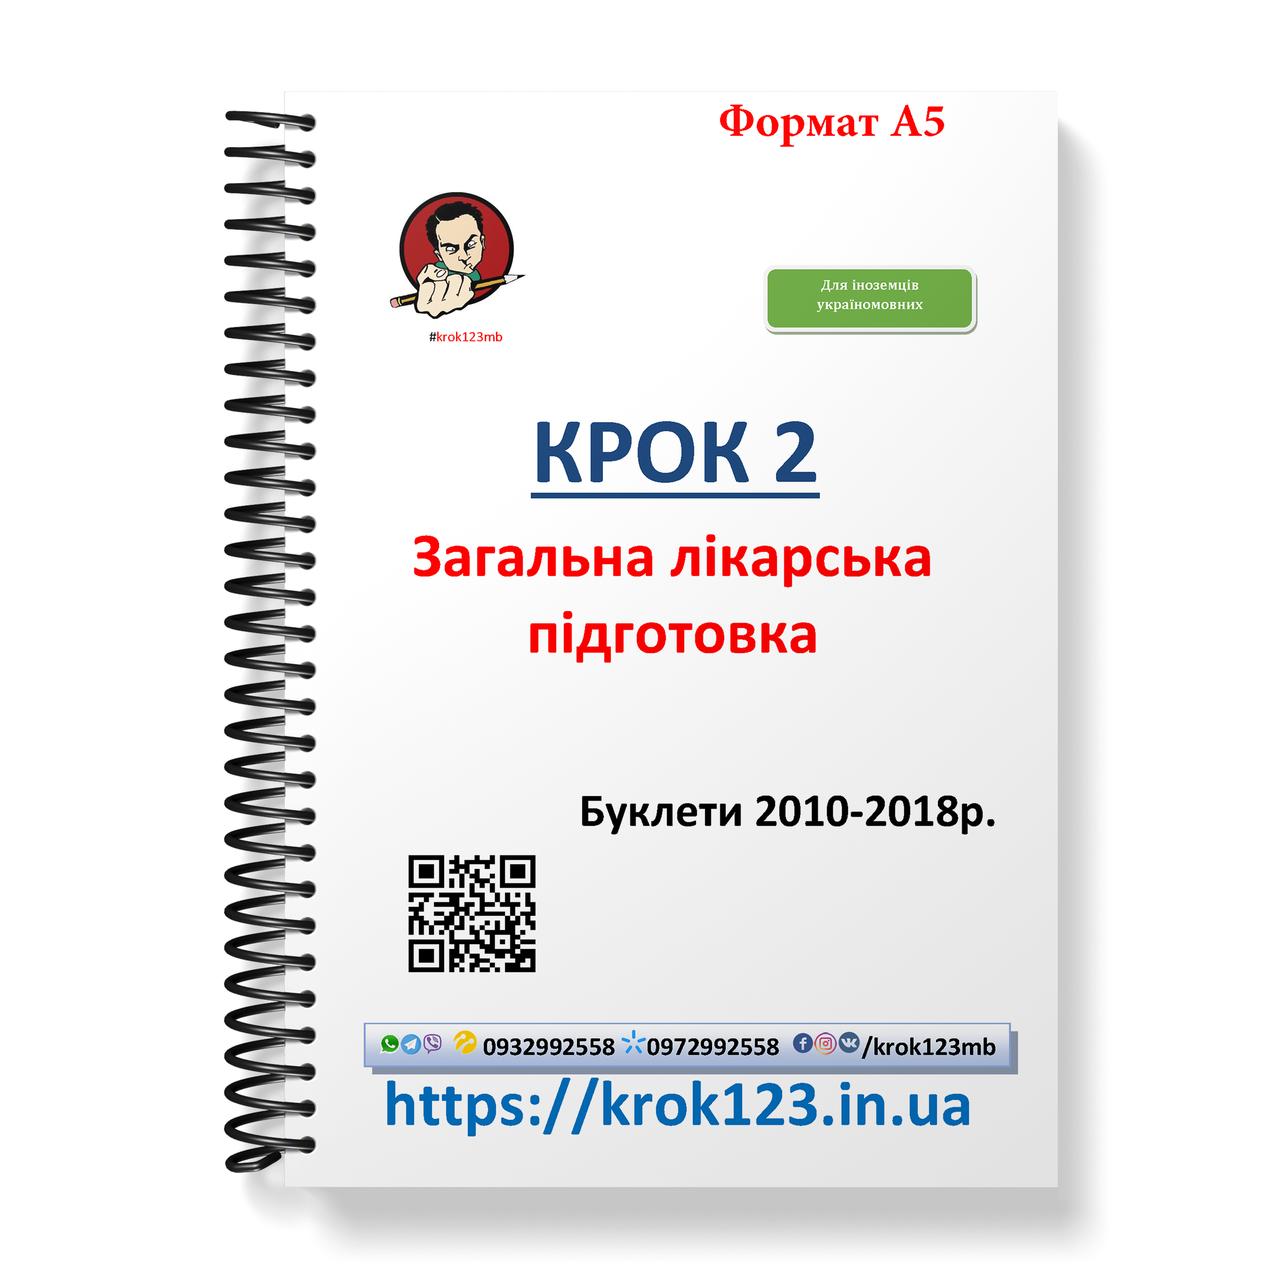 Крок 2. Медицина. Буклеты 2010 - 2018. Для иностранцев украиноязычных. Формат А5